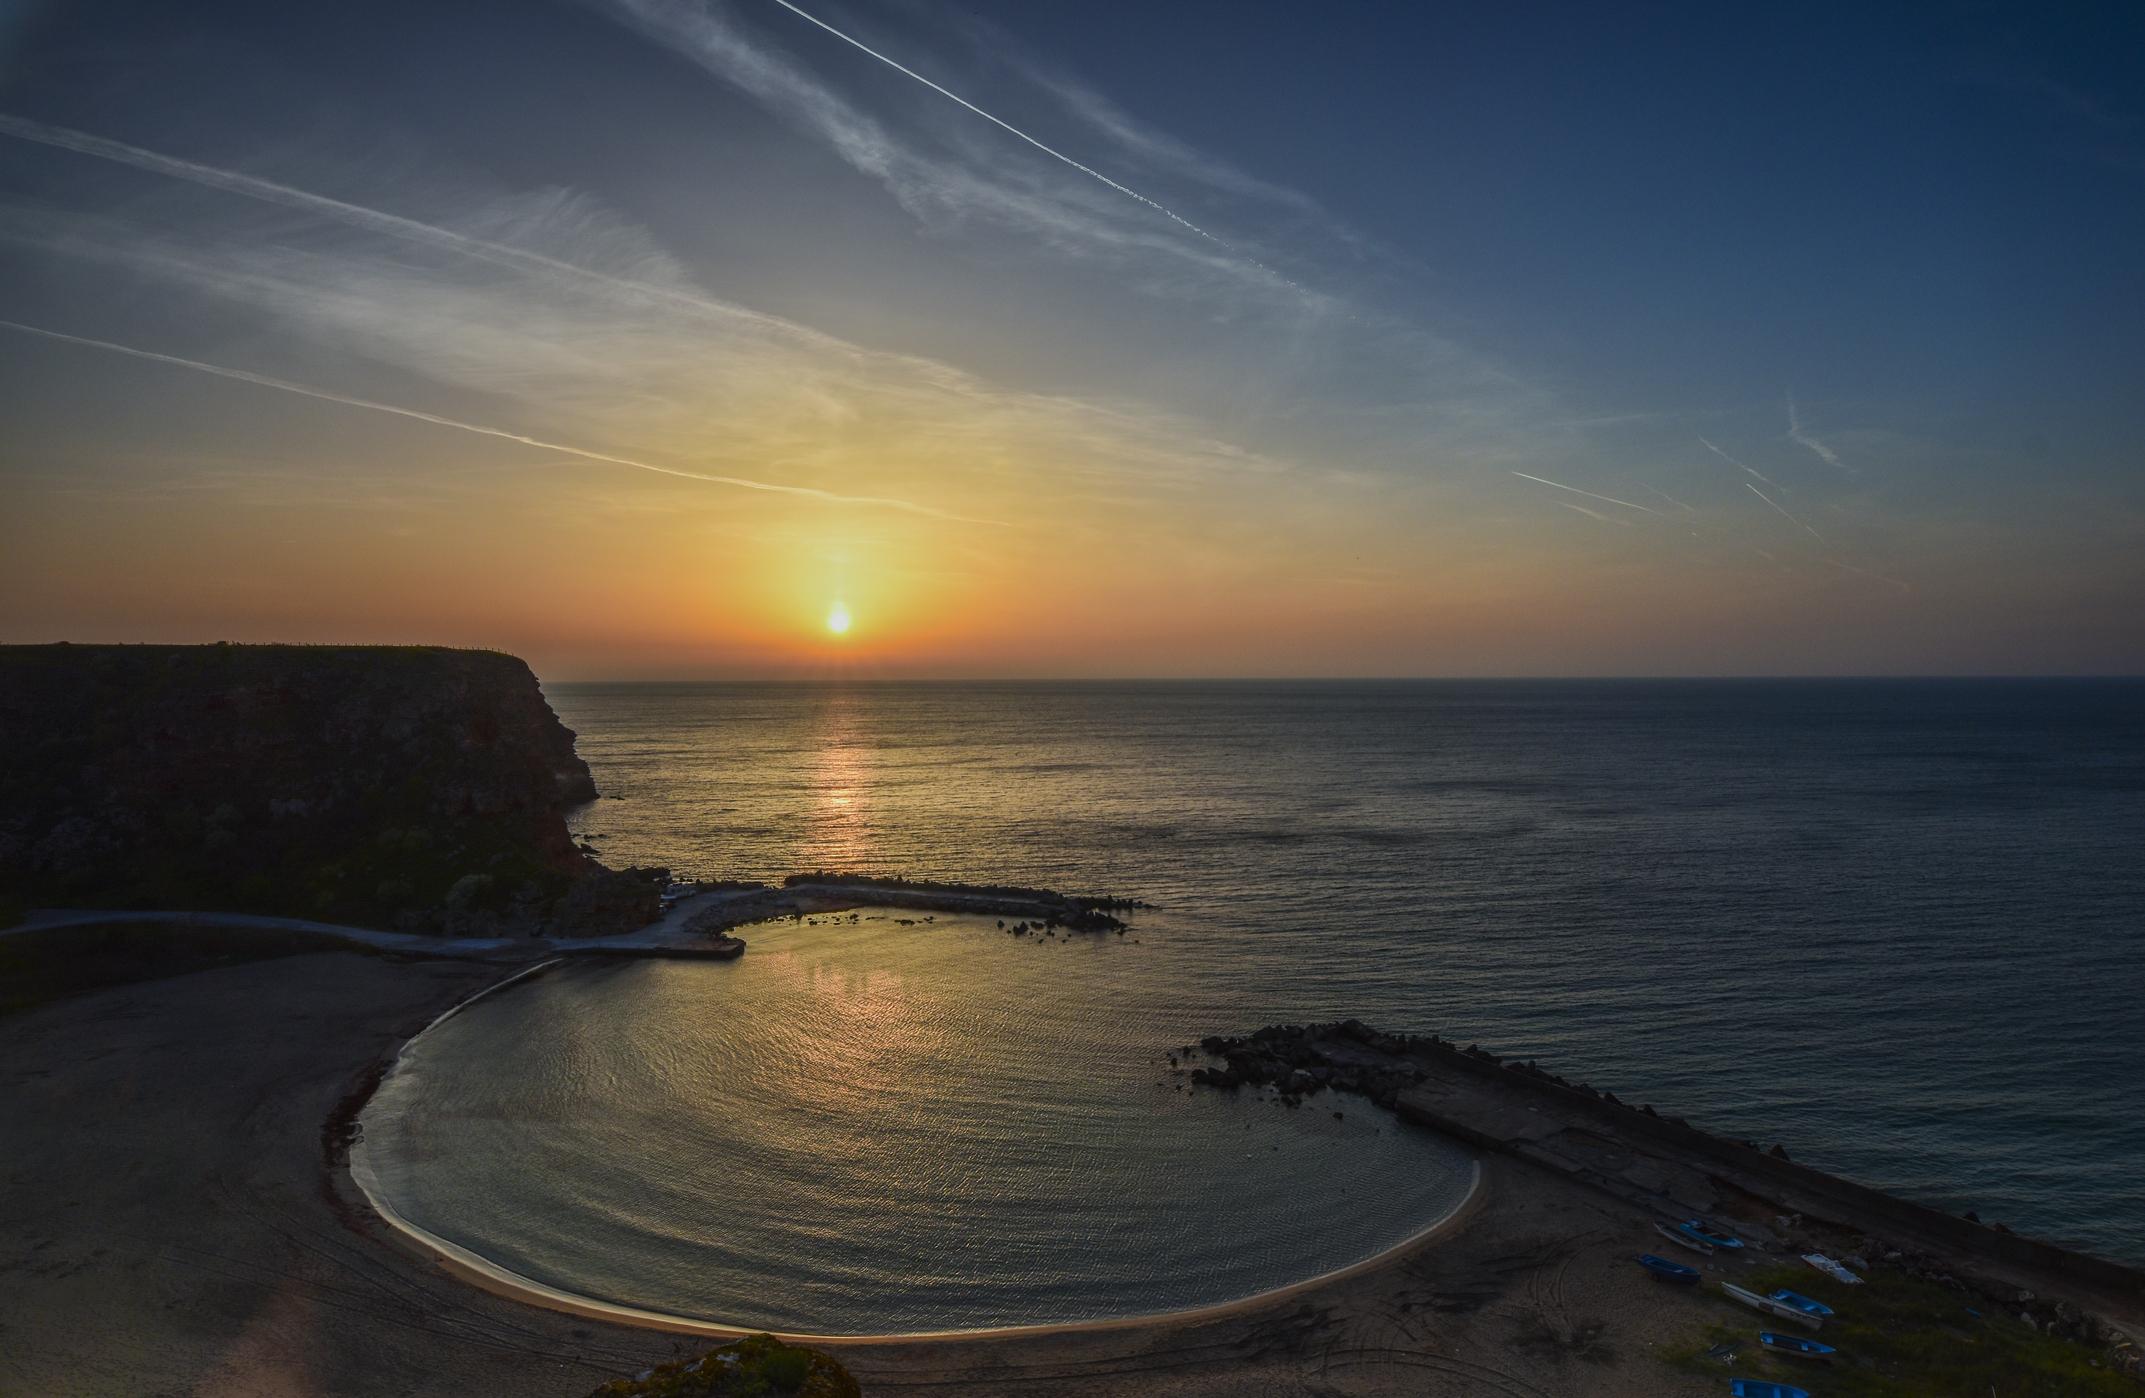 """""""Разположен на час и половина от летище Варна и на около час и двадесет минути от друг красив плаж - Mamaia beach в Румъния. Плажът Болата е един от най-добрите плажове в България и един от любимите за посещение в Европа""""."""